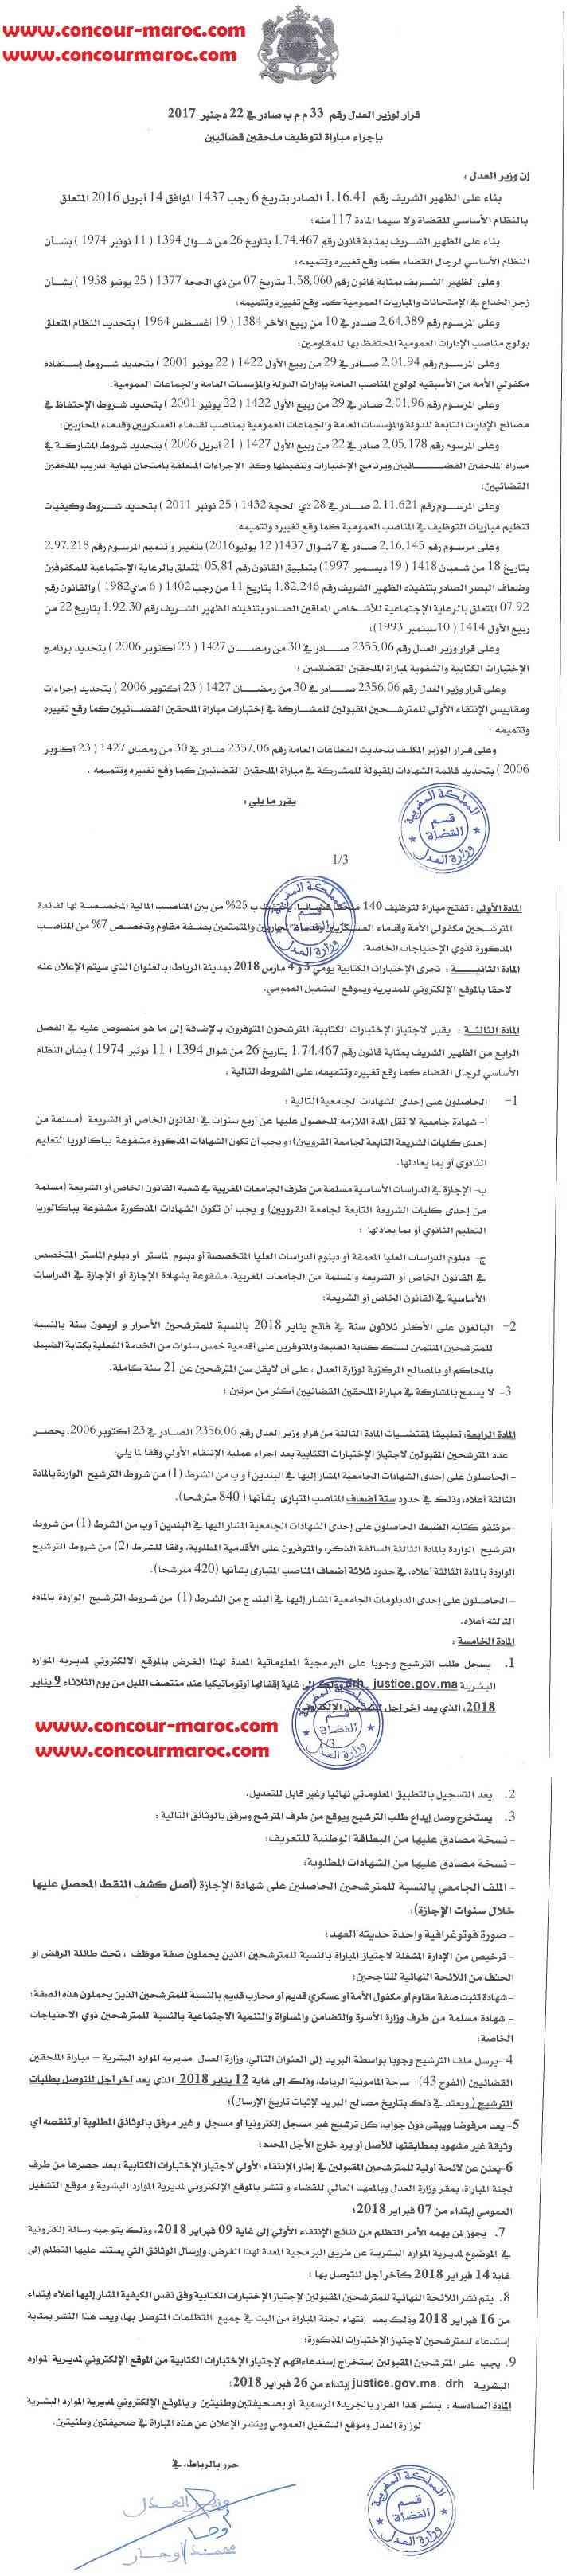 وزارة العدل : مباراة لتوظيف ملحق قضائي سلم 10 (140 منصب) آخر أجل 12 يناير 2018  O_uaai11